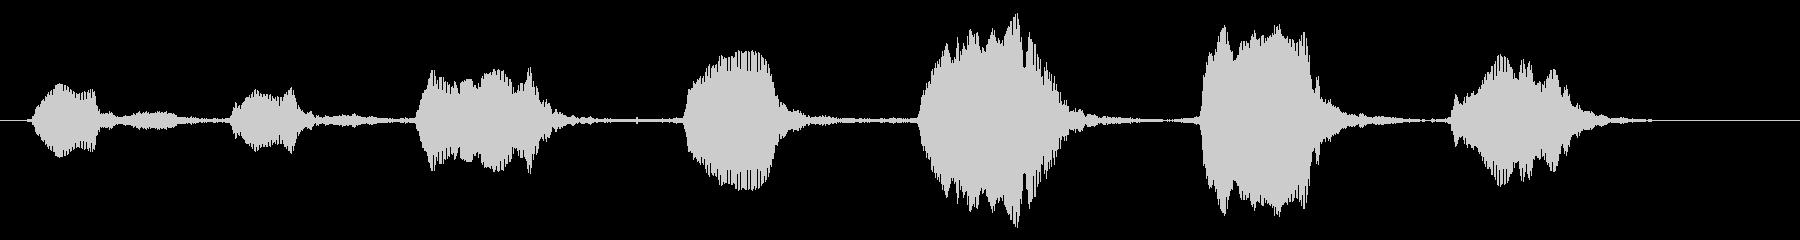 ベイビー:トーキングまたはリアクションの未再生の波形